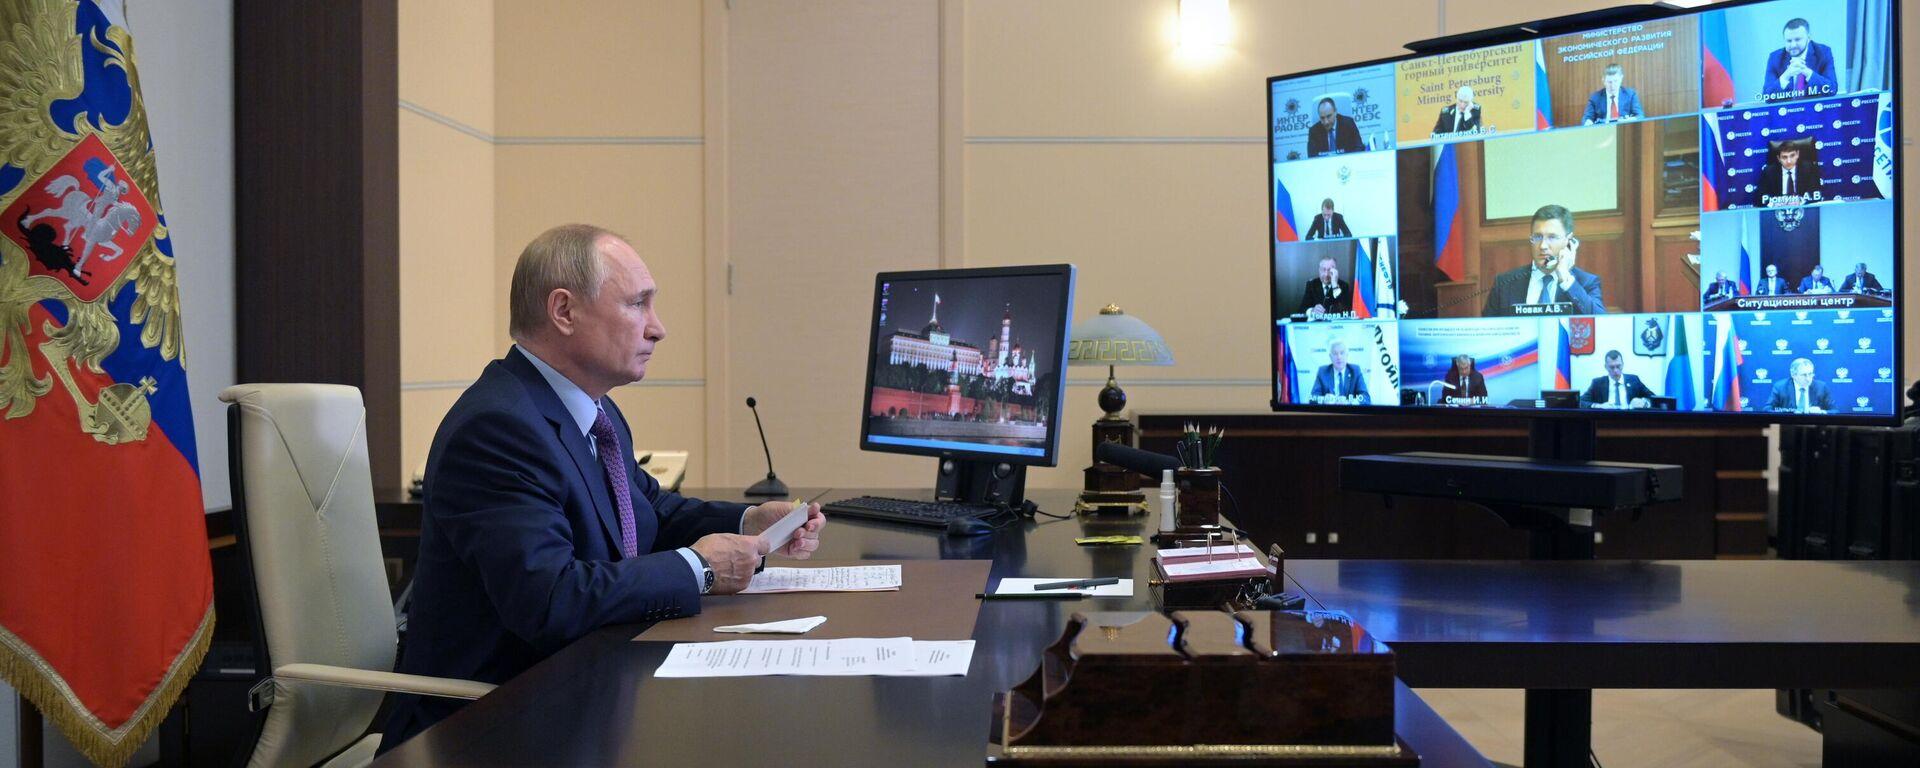 Президент РФ В. Путин провел совещание по вопросам развития энергетики - Sputnik Азербайджан, 1920, 07.10.2021